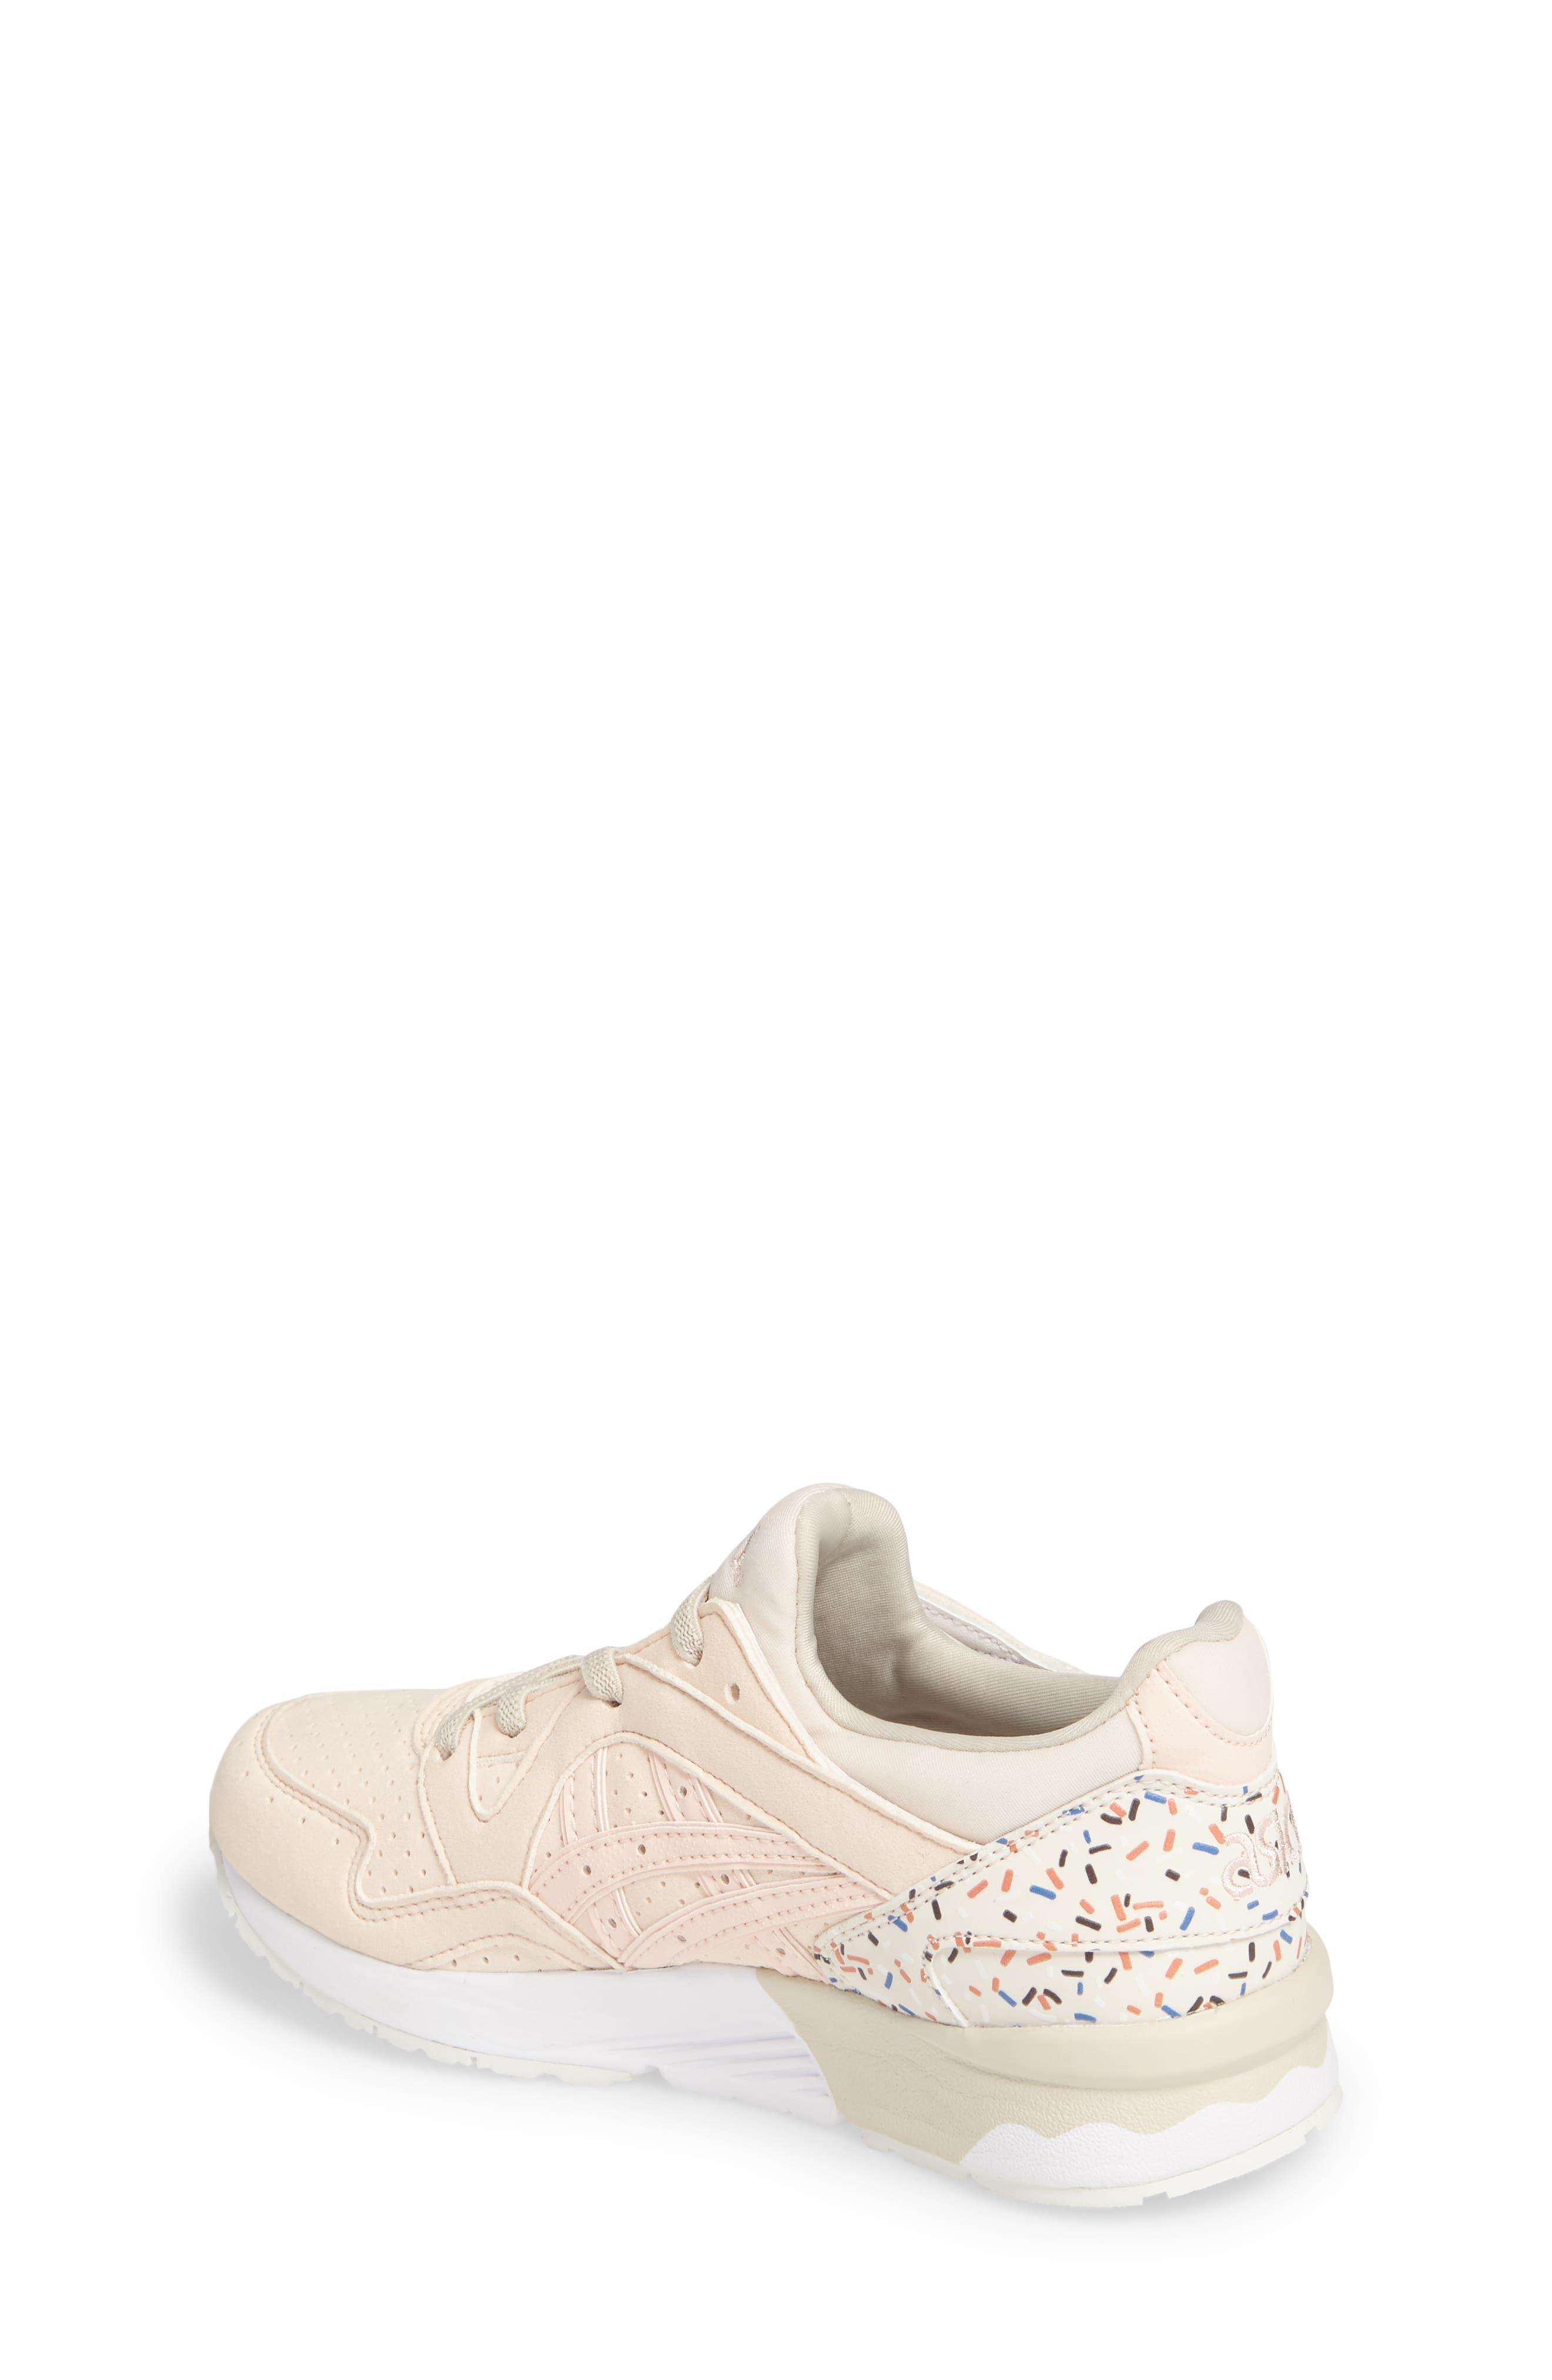 GEL-Lyte V Sneaker,                             Alternate thumbnail 2, color,                             Vanilla Cream/ Vanilla Cream